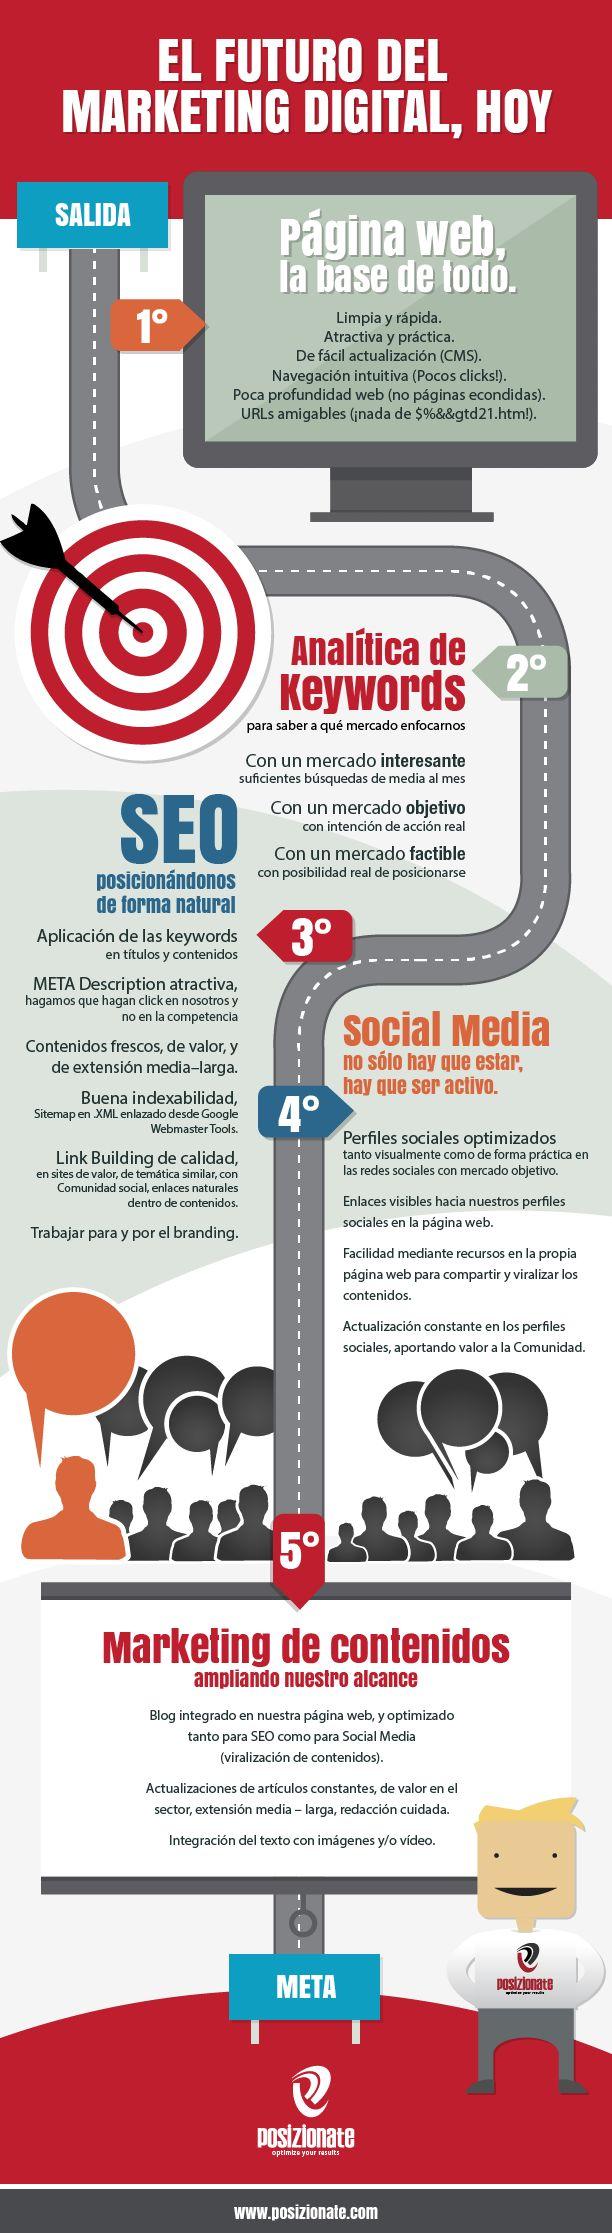 Infografía: El futuro del Marketing Digital, hoy